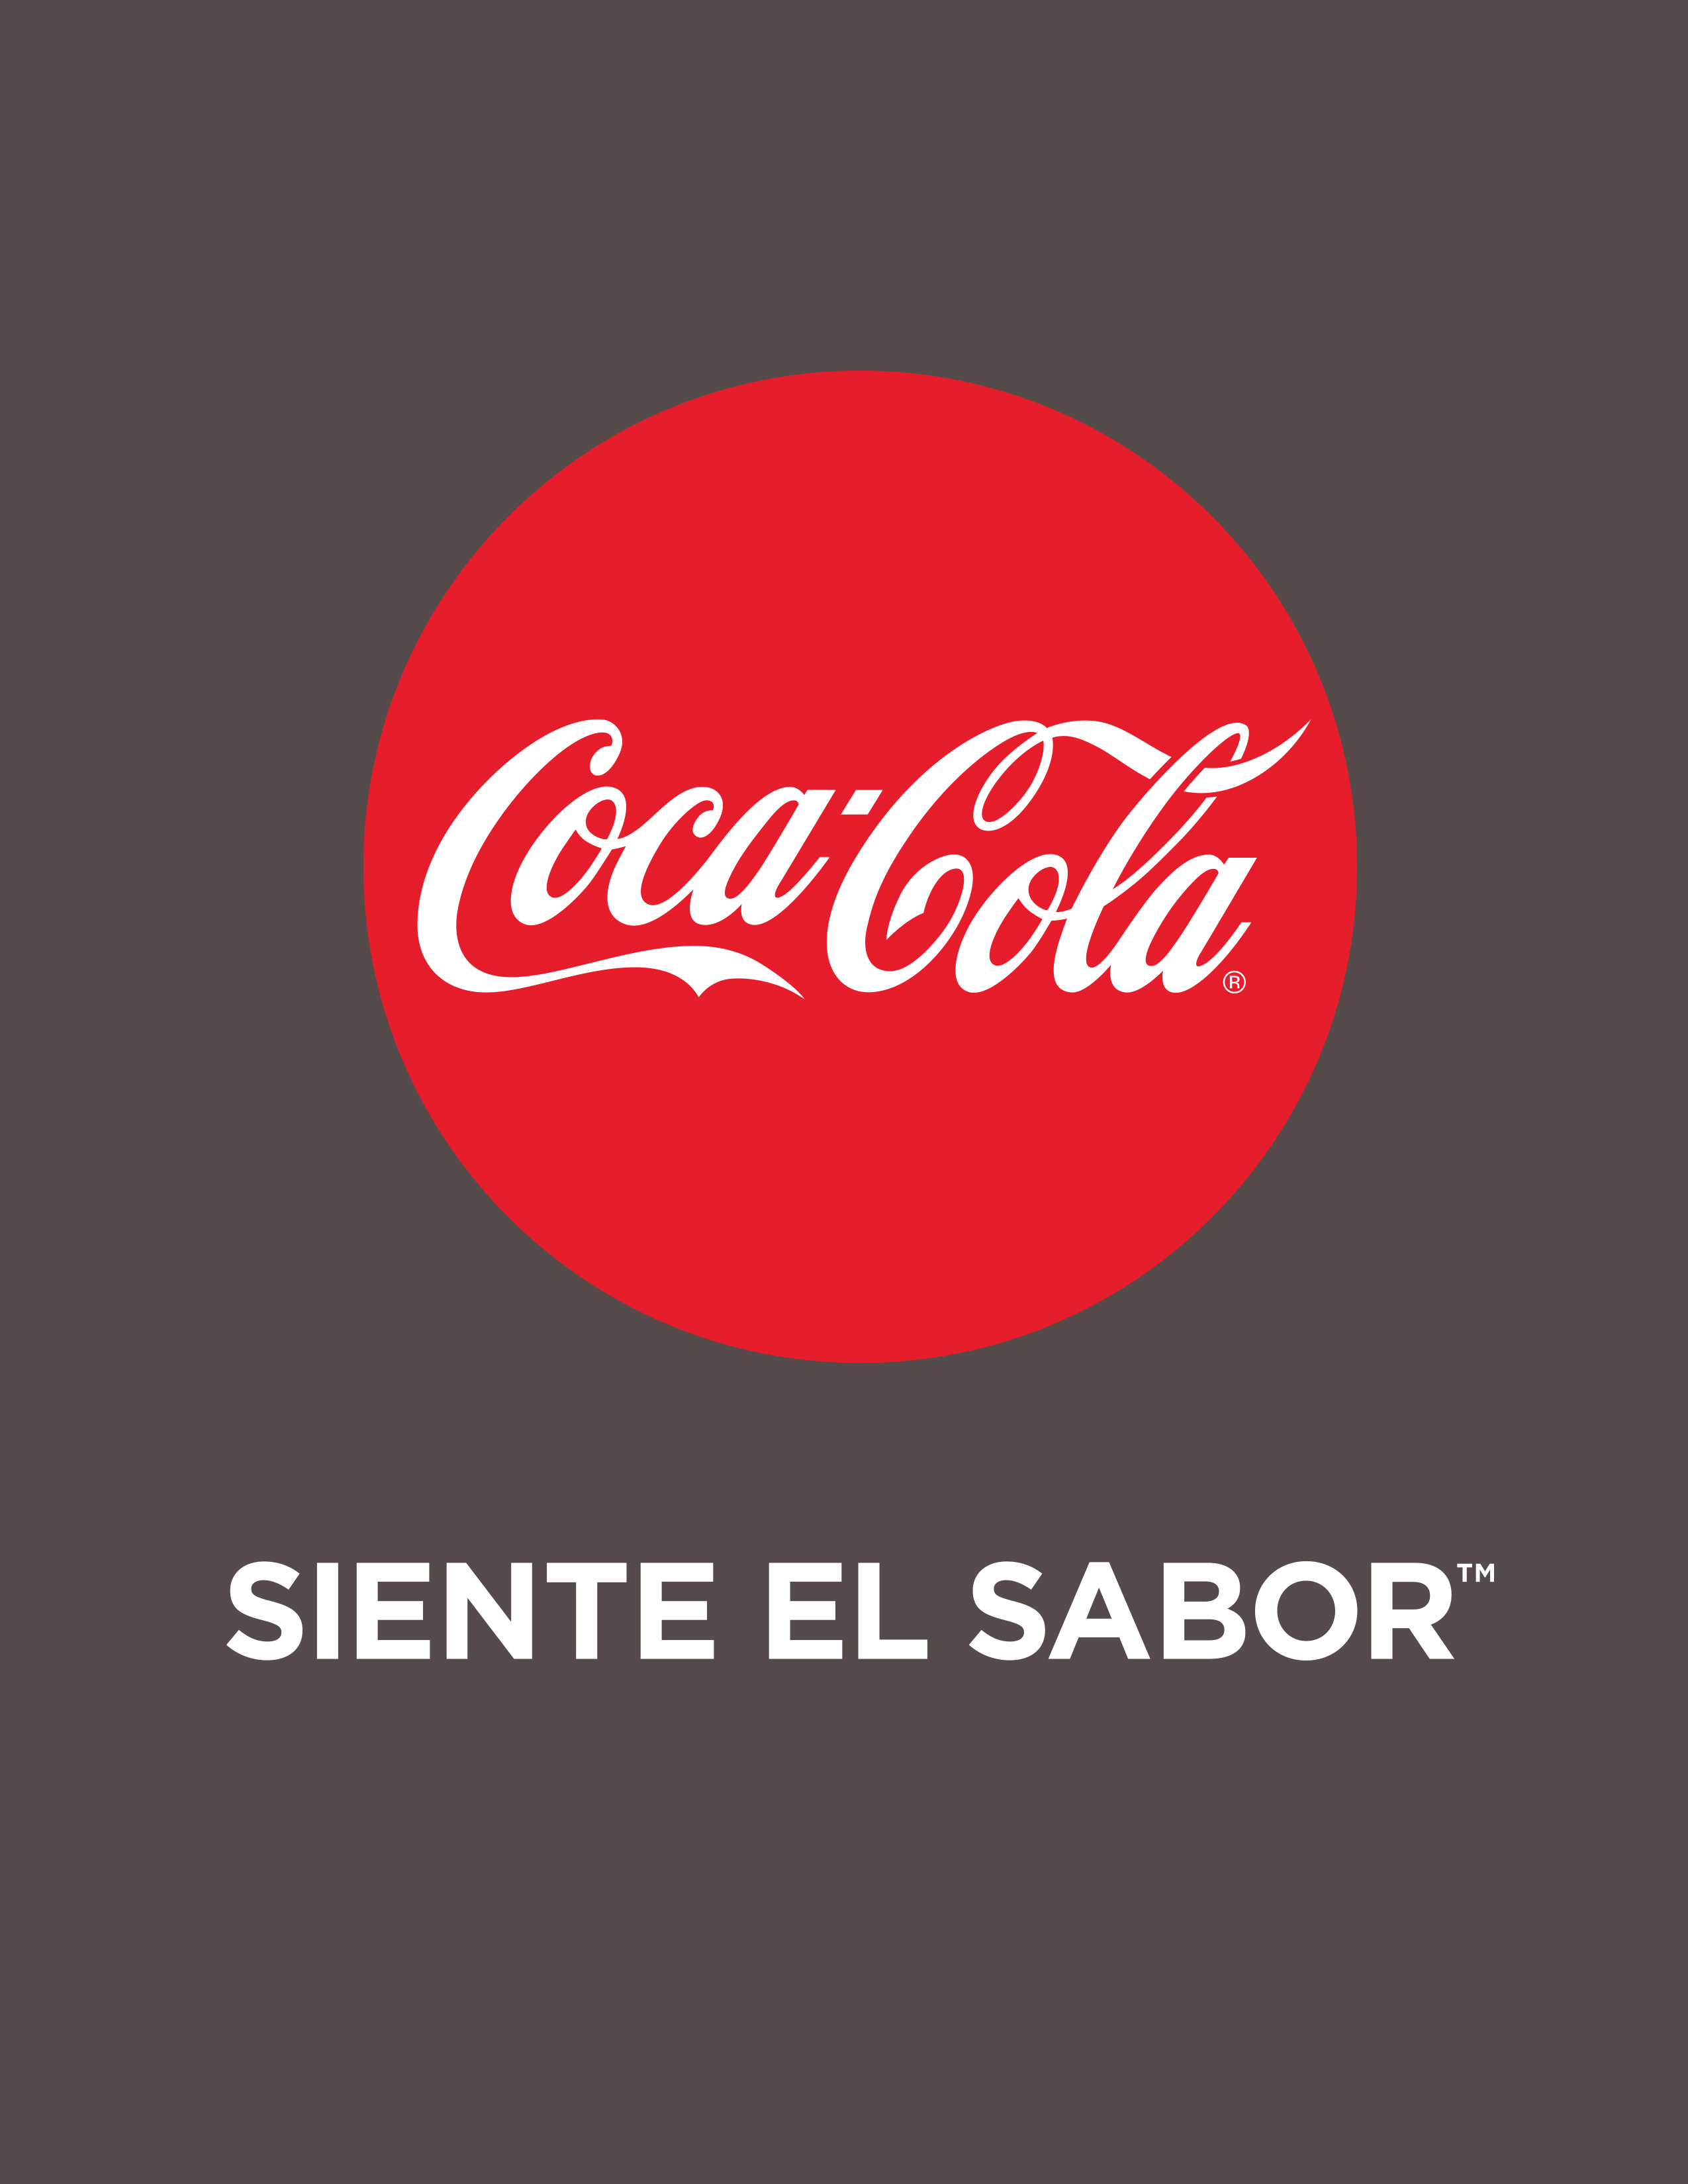 www.coca-cola.com.mx/es/home/